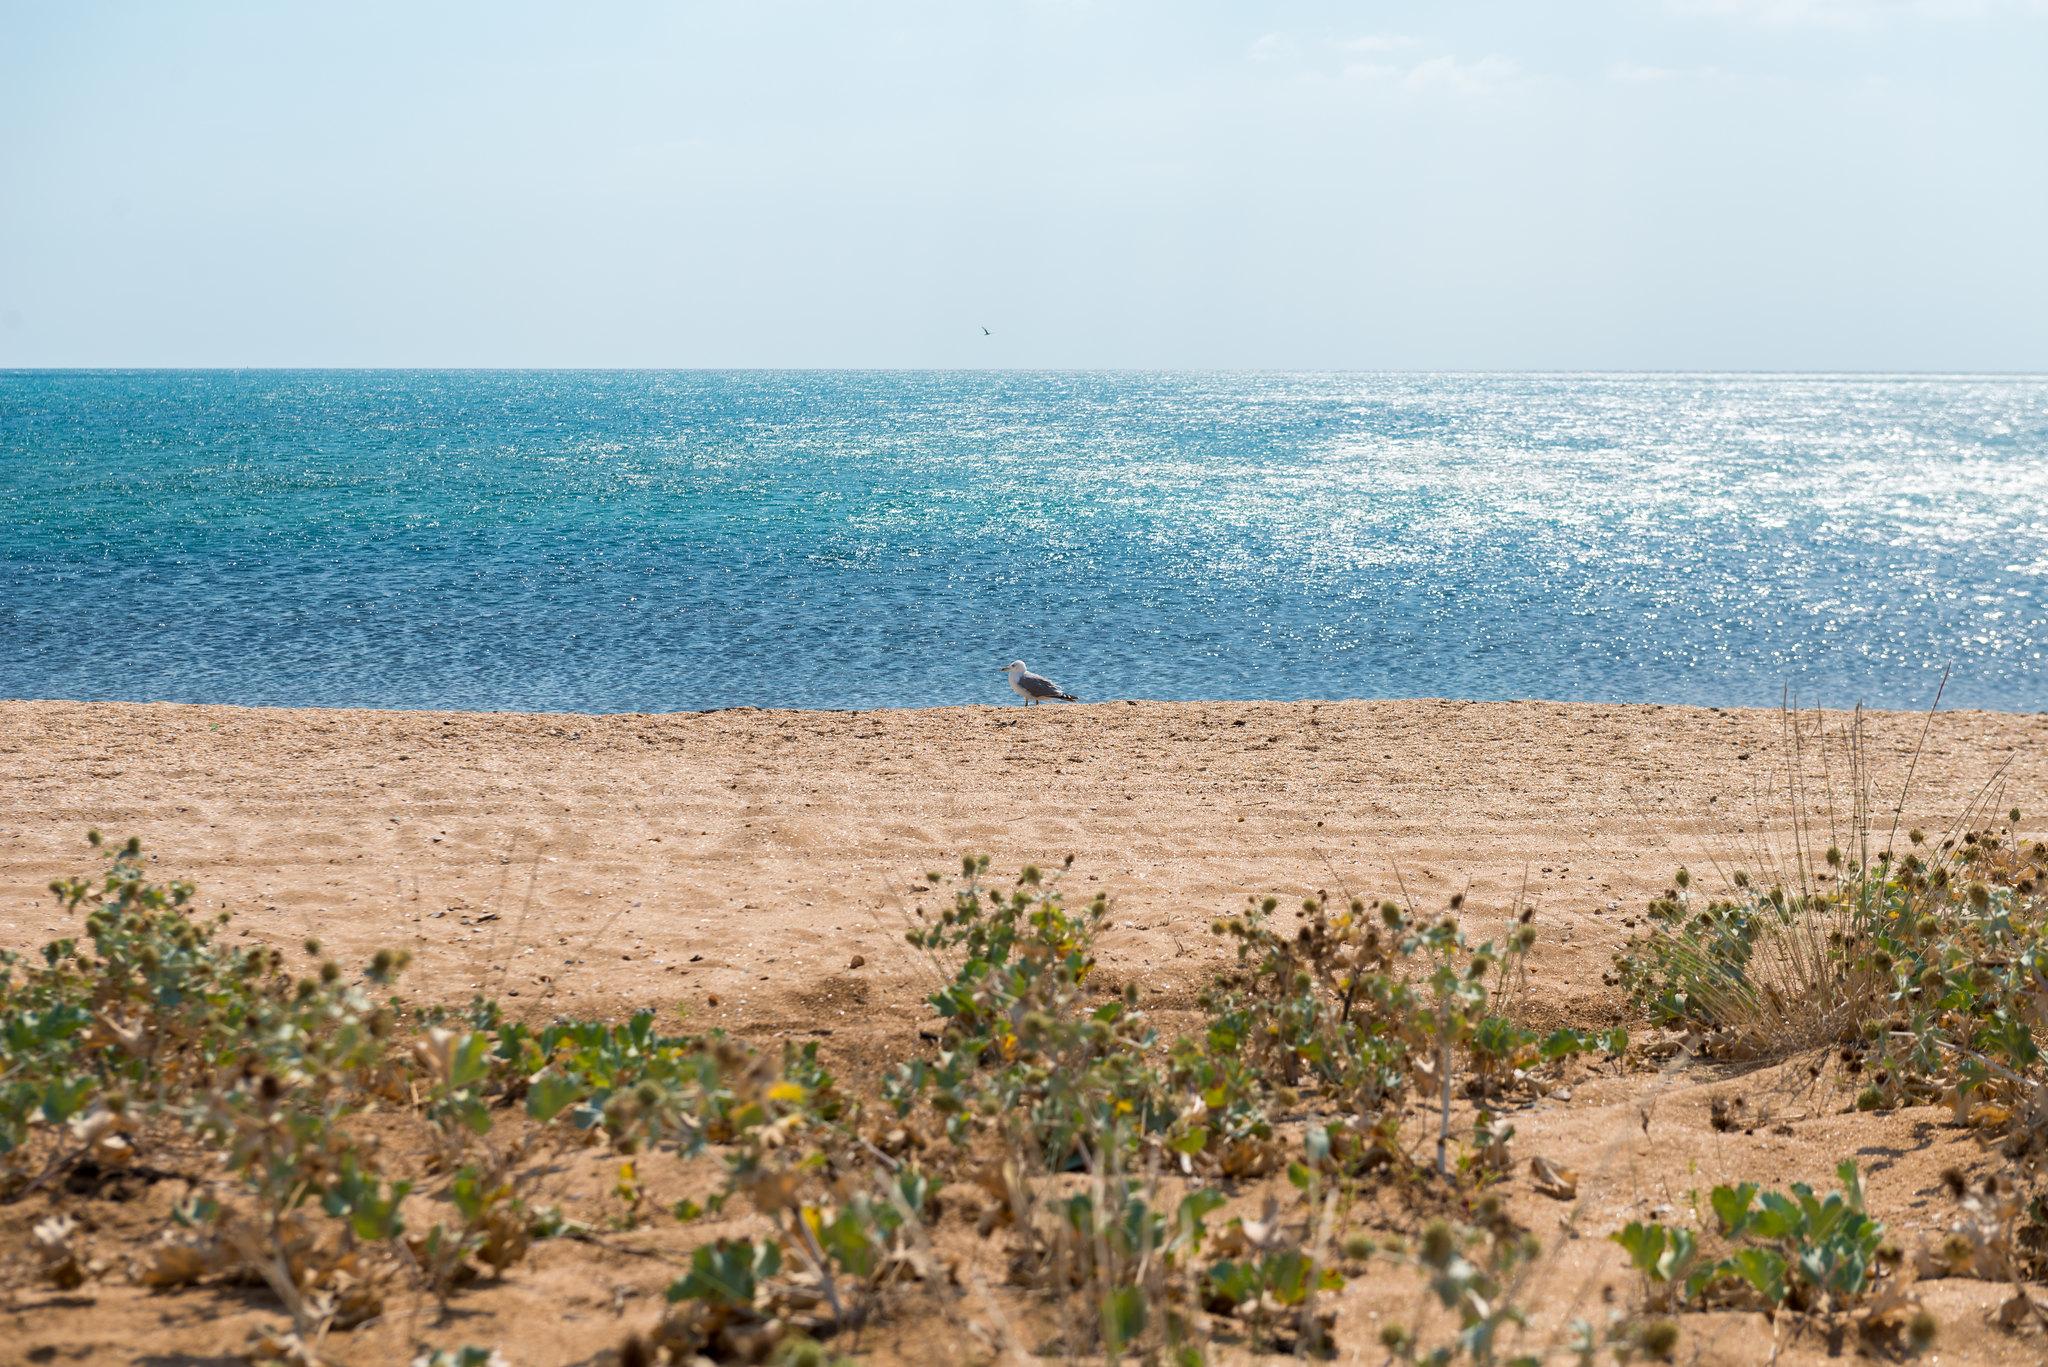 Relatório aponta impactos das mudanças do clima no litoral do país